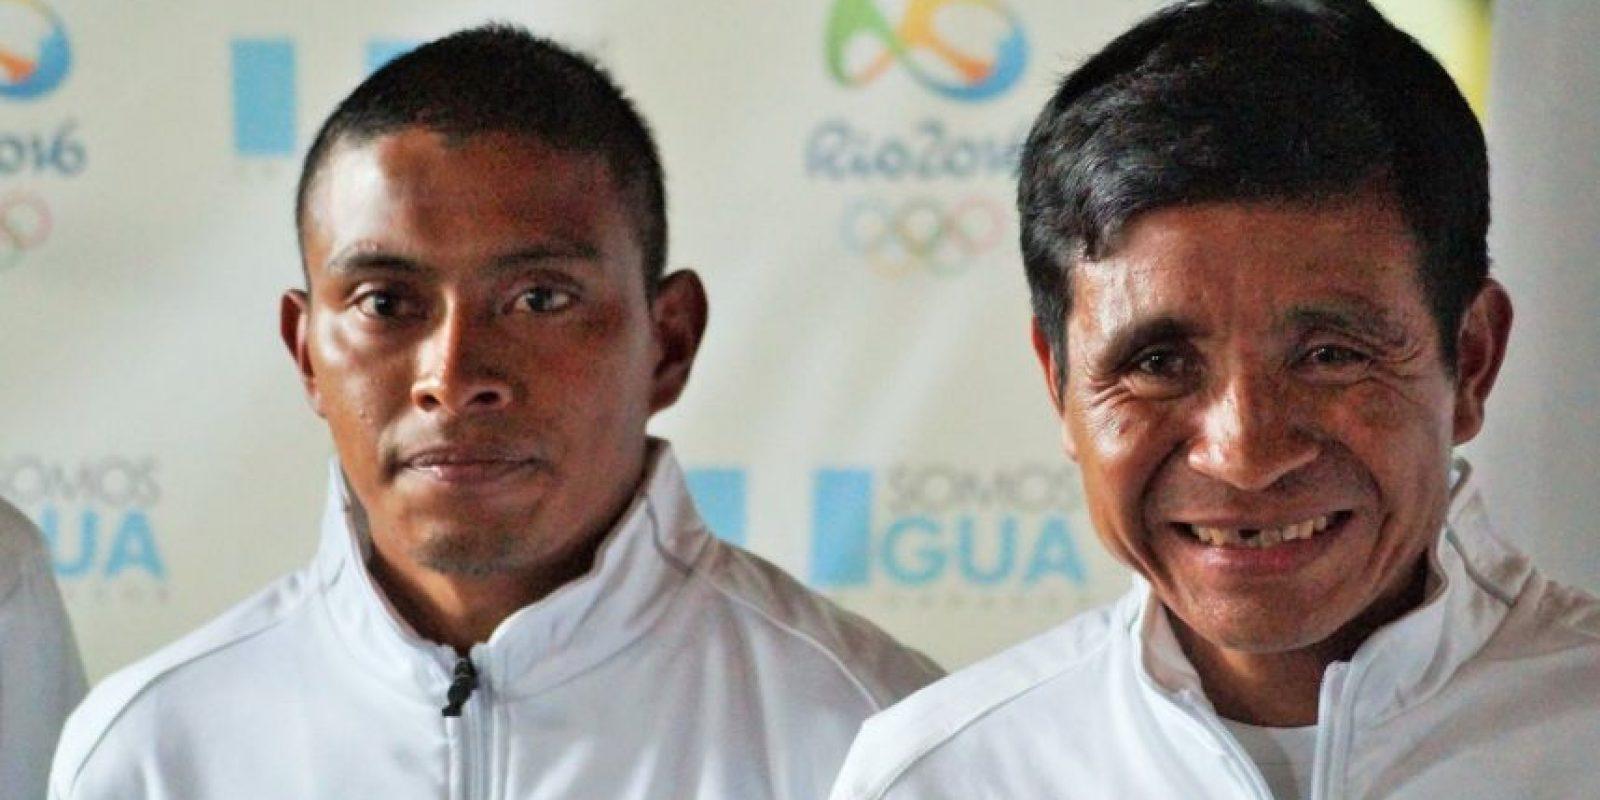 El corredor de San Juan Sacatépequez cumplió con su actuación en las justas paralímpicas. Foto:COG y FNA